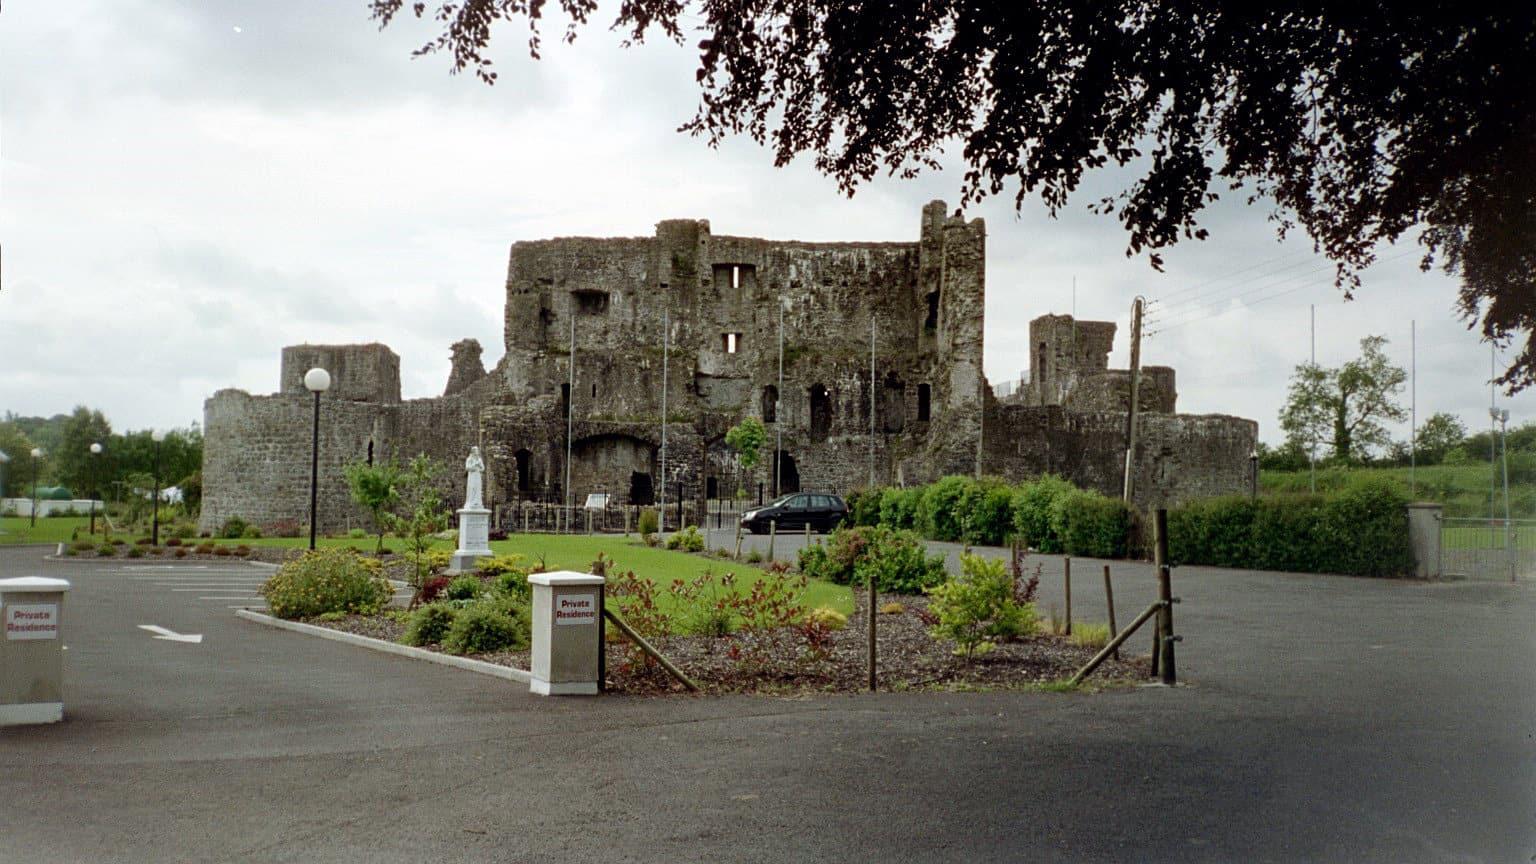 Sensational Sligo - Things to do in Sligo Ireland